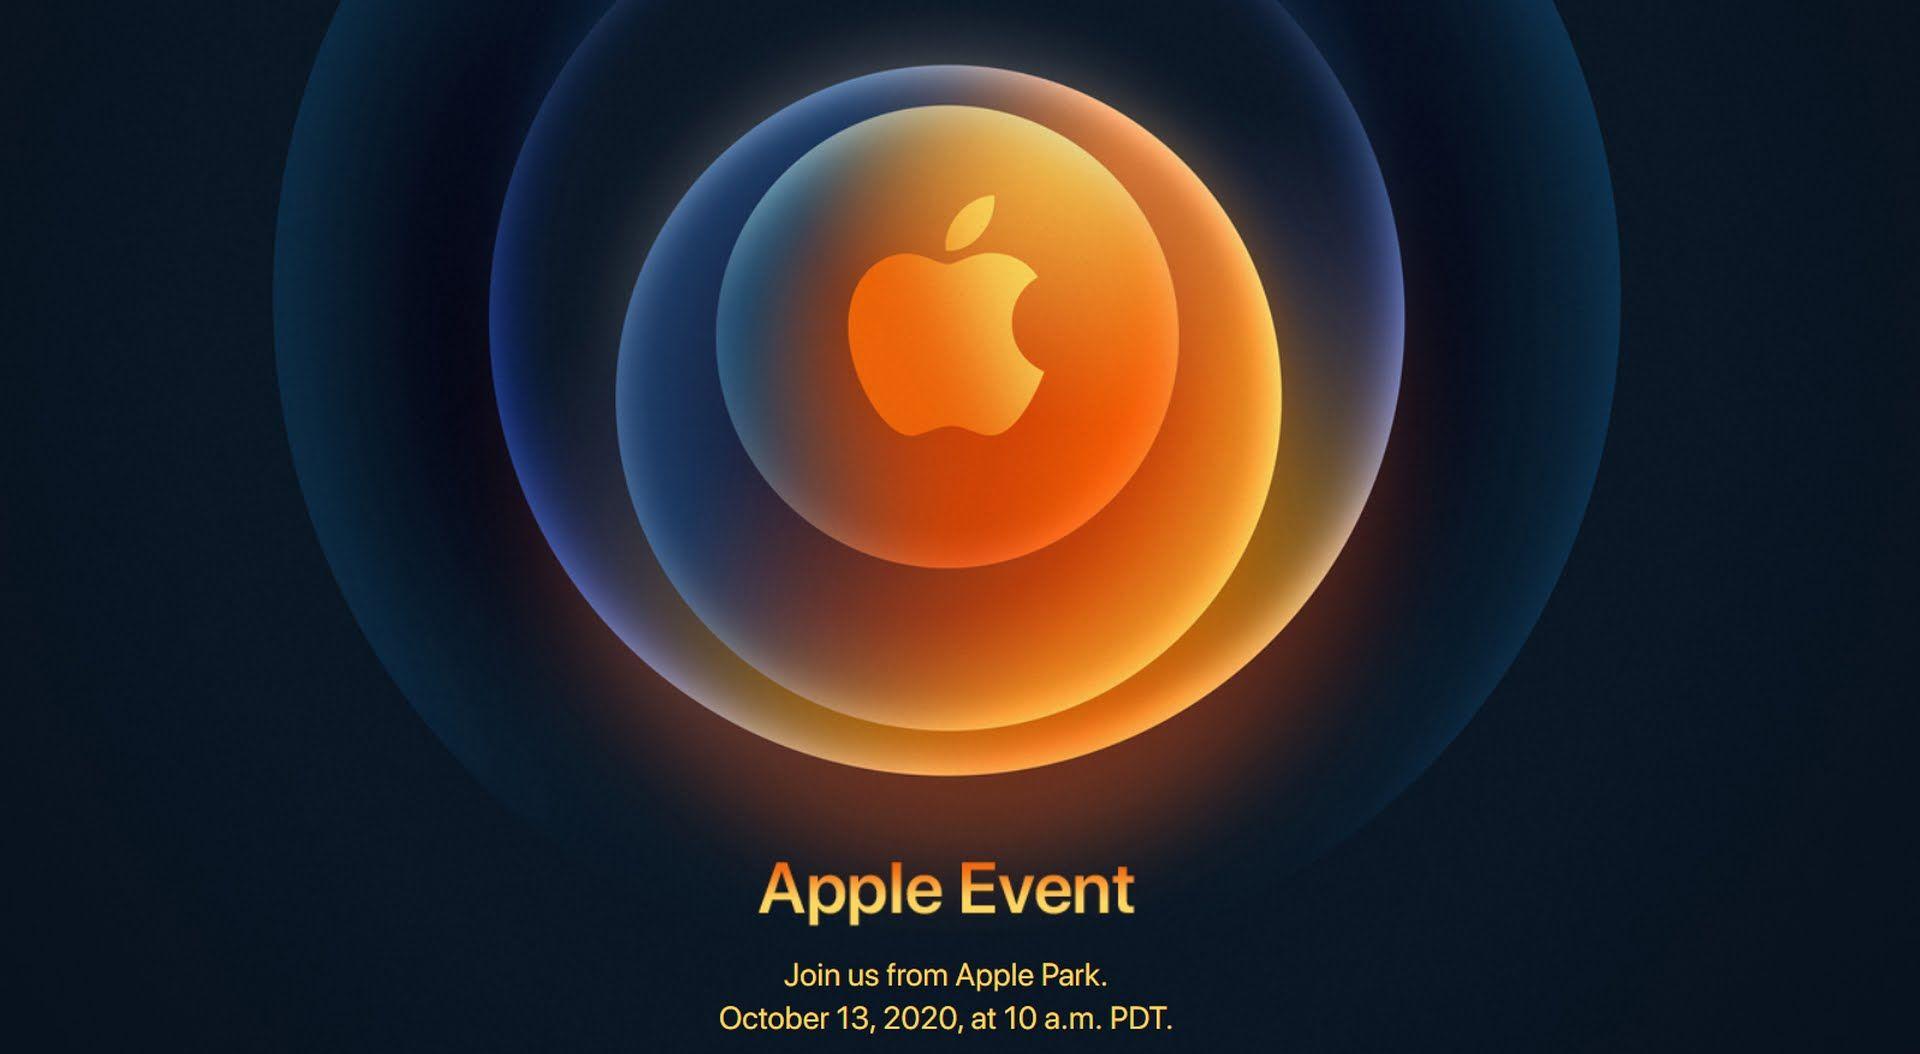 Firma Apple zaprezentuje nowe iPhone'y już 13 października